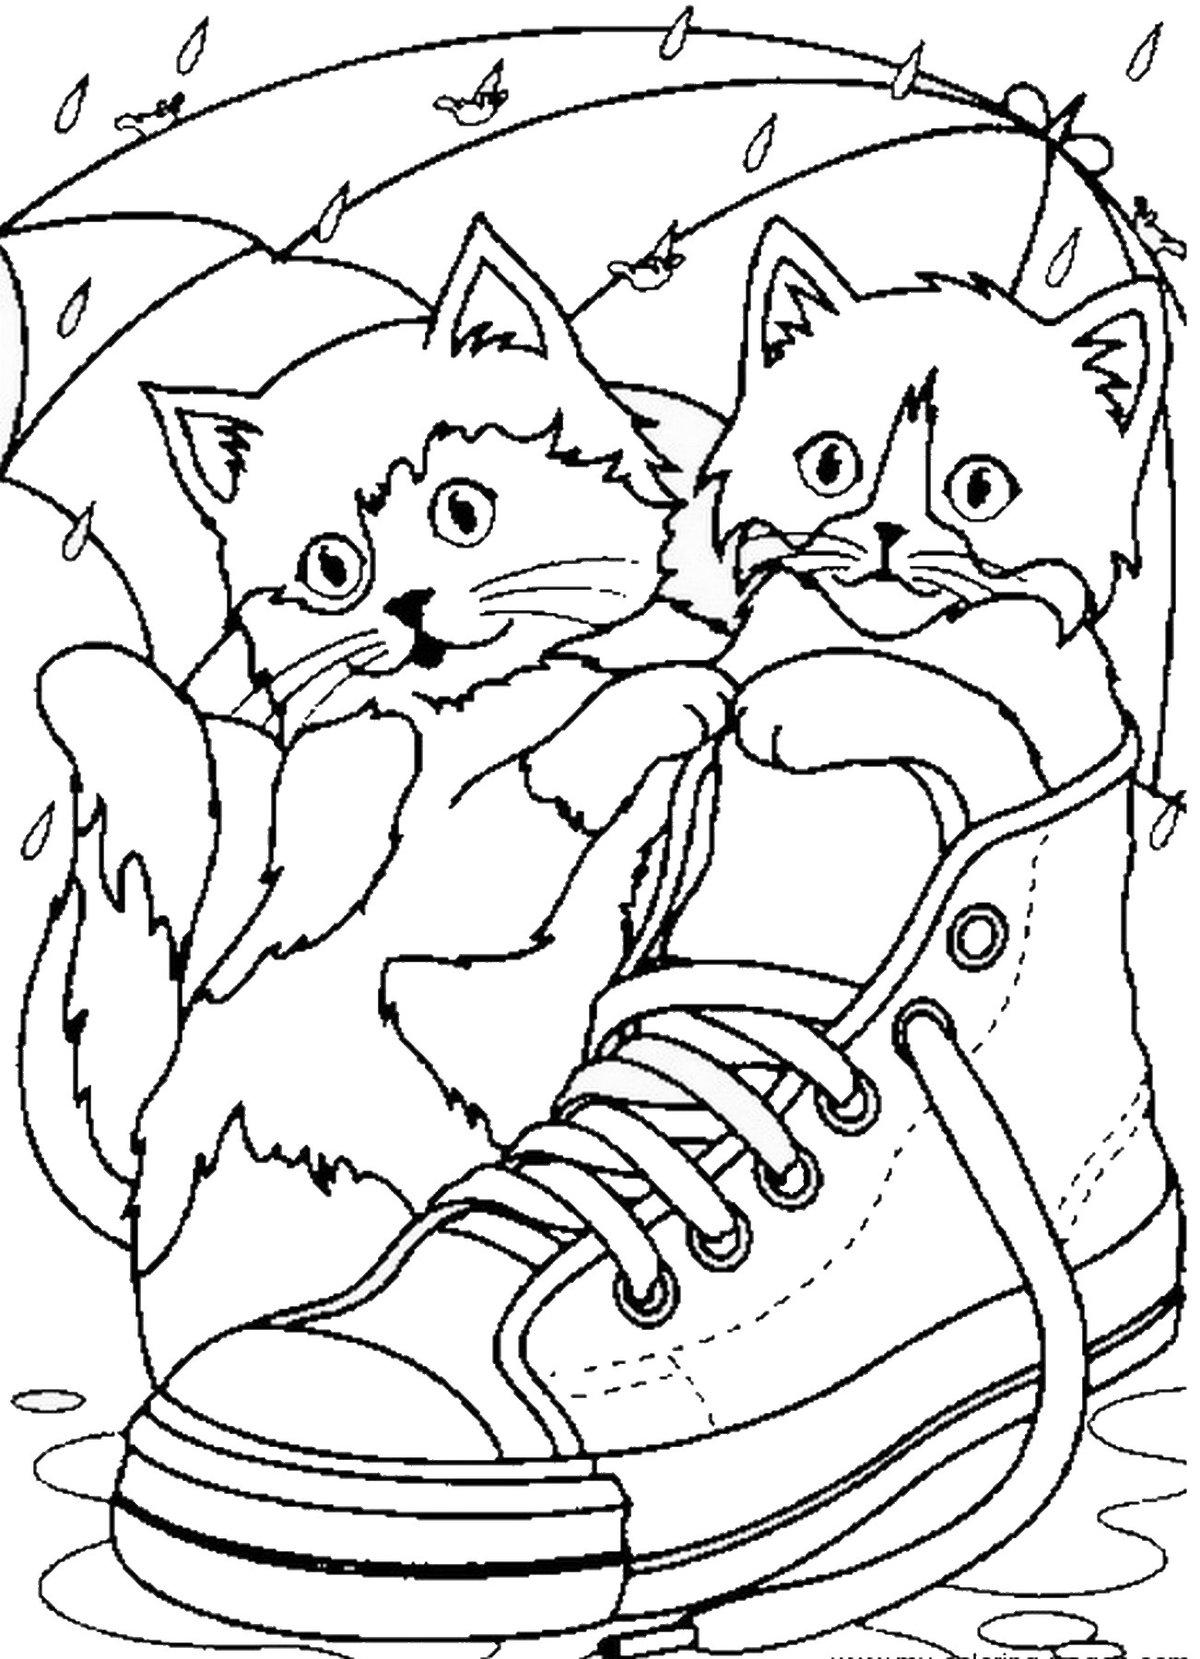 Картинки с котятами смешные раскраски